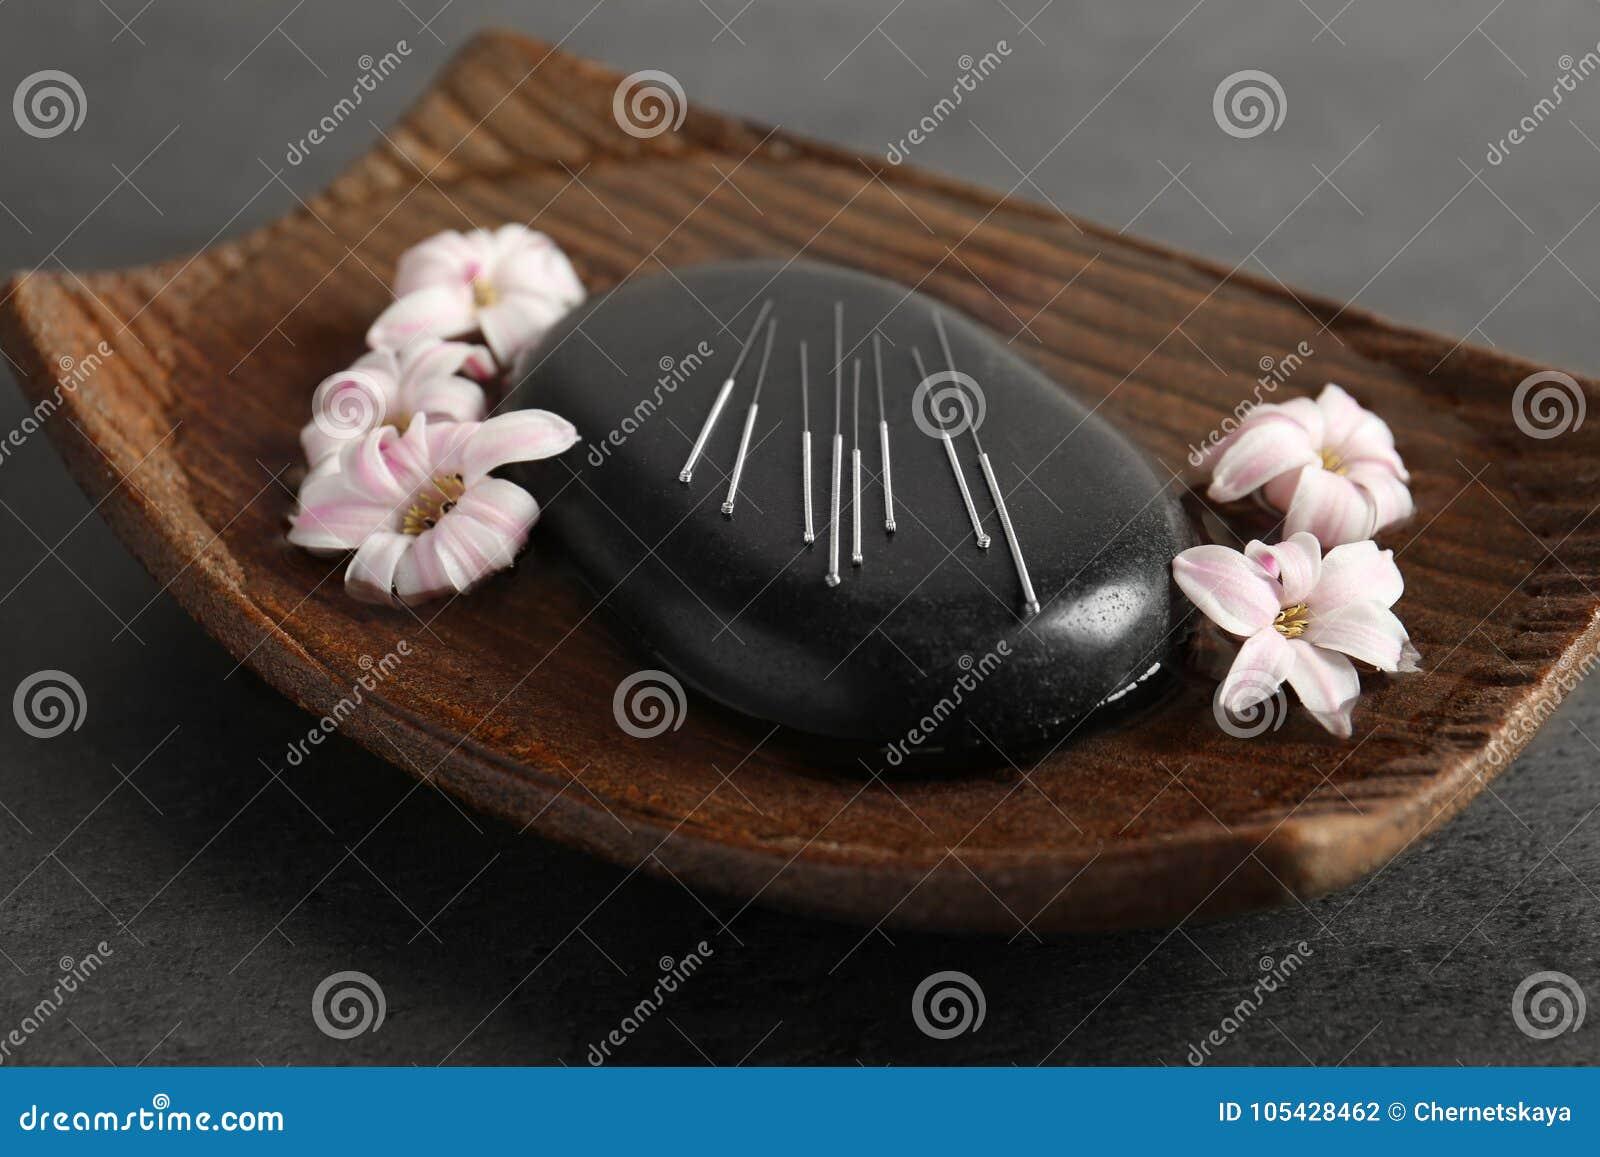 Черный камень курорта с комплектом игл иглоукалывания